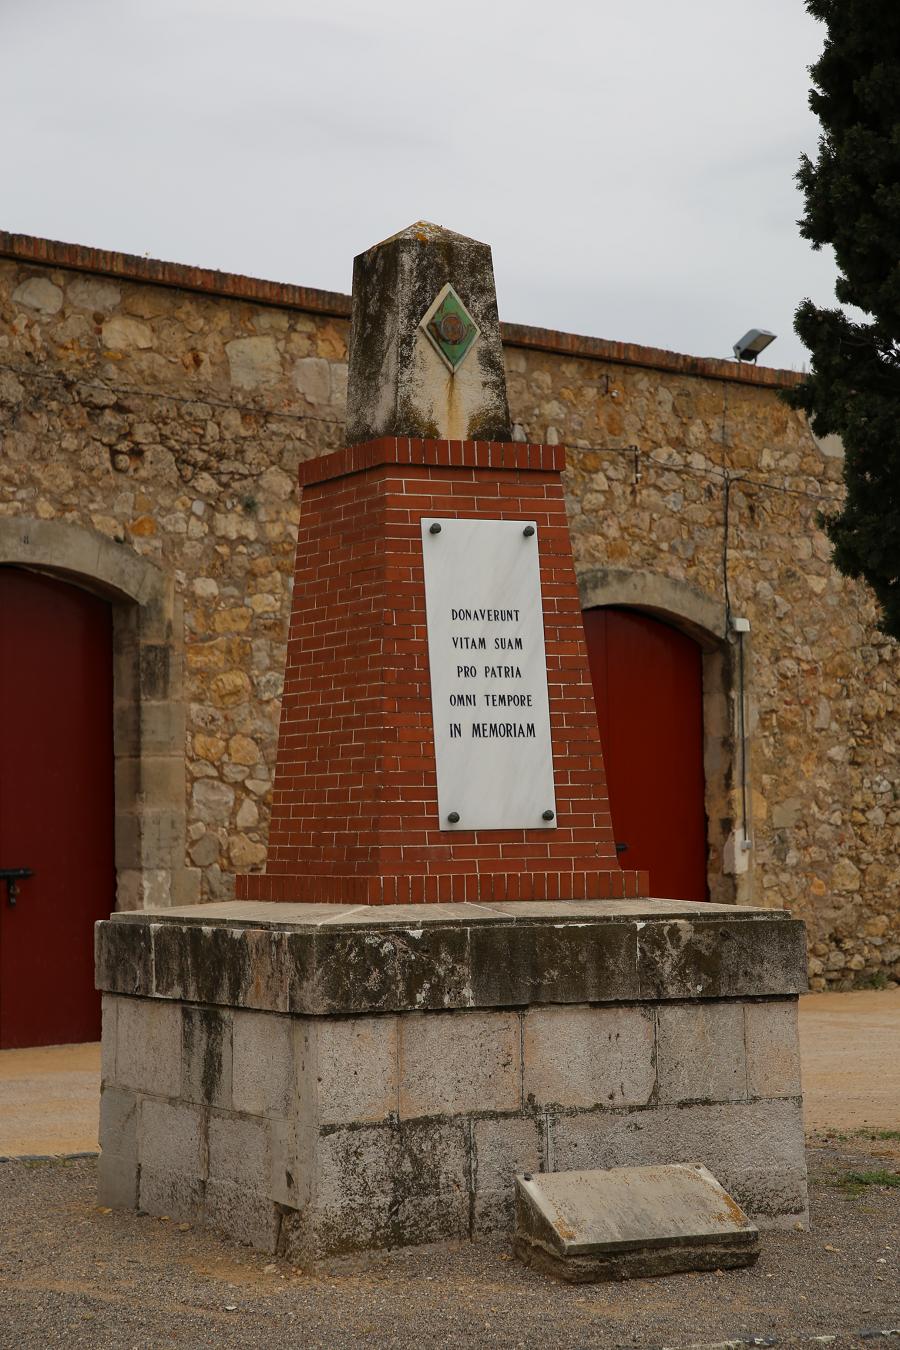 Замок Сан-Ферран - самый большой (по размерам) памятник на территории Каталонии